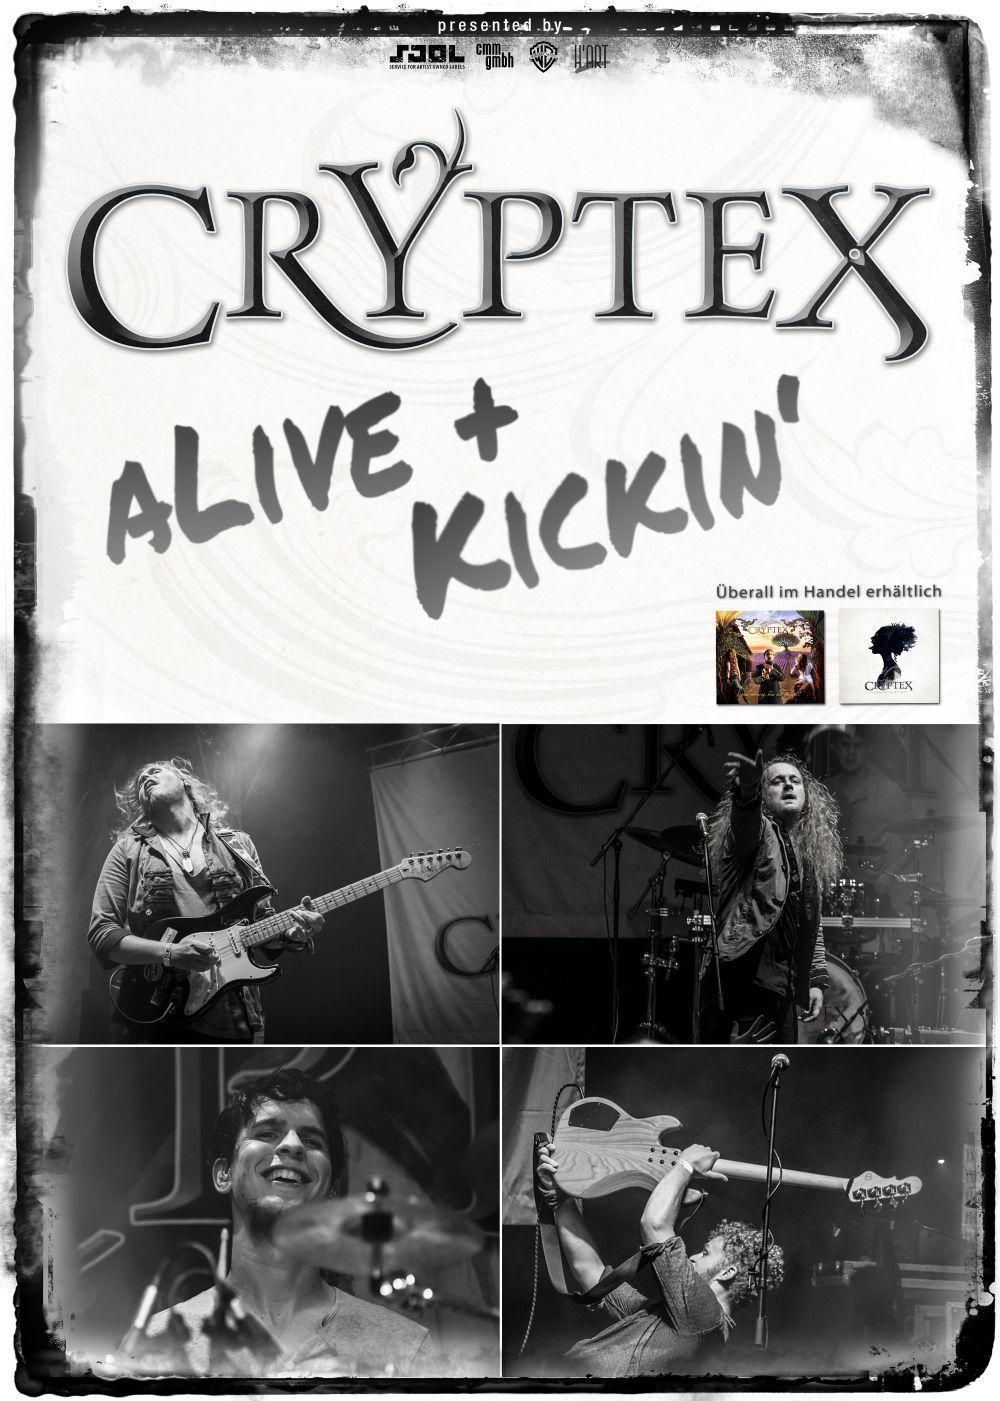 Cryptex-Tourposter - Alive + Kickin'